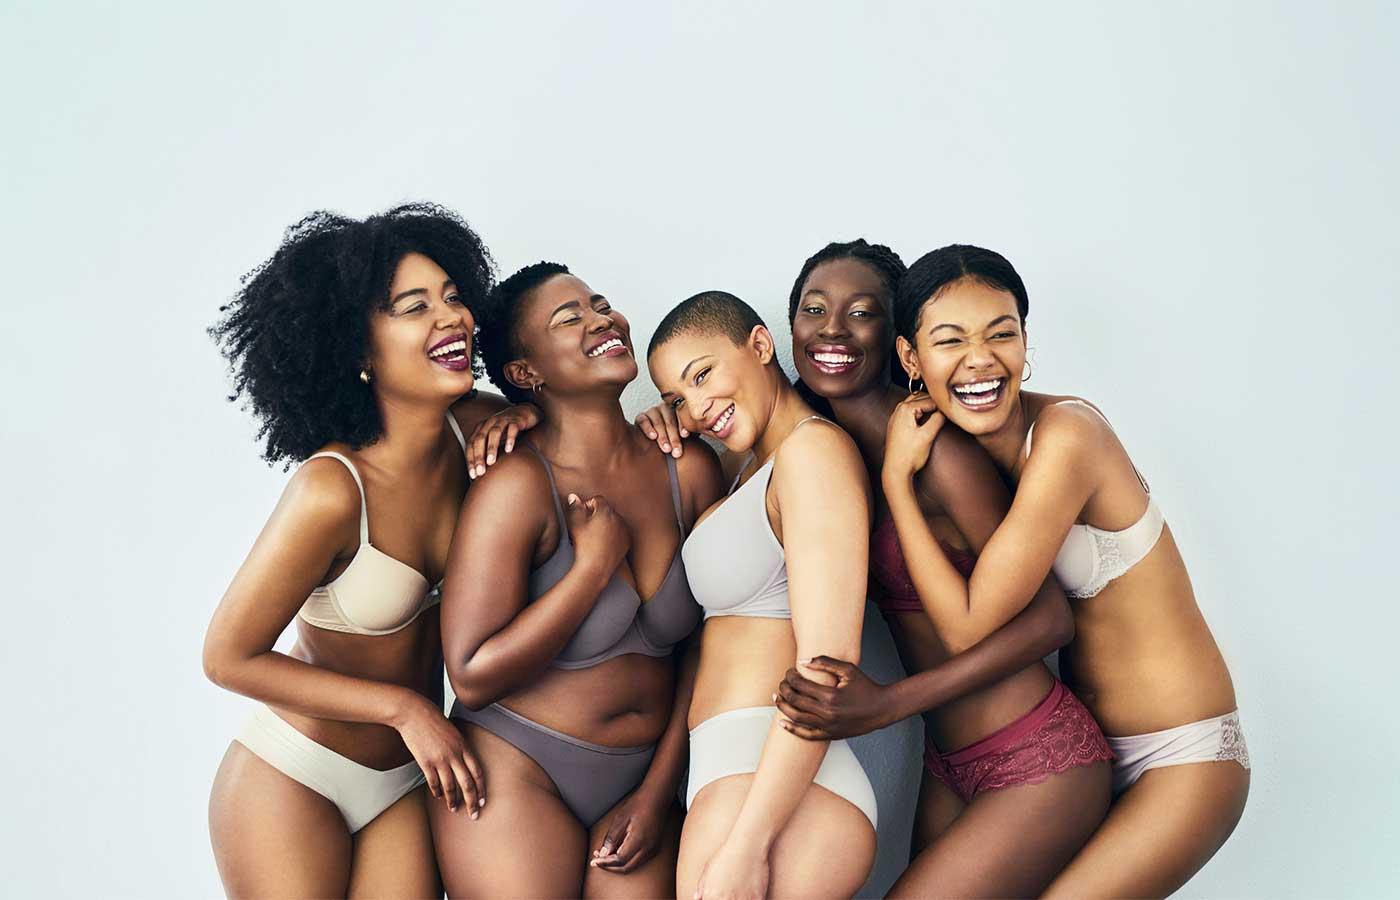 five African American women in their underwear